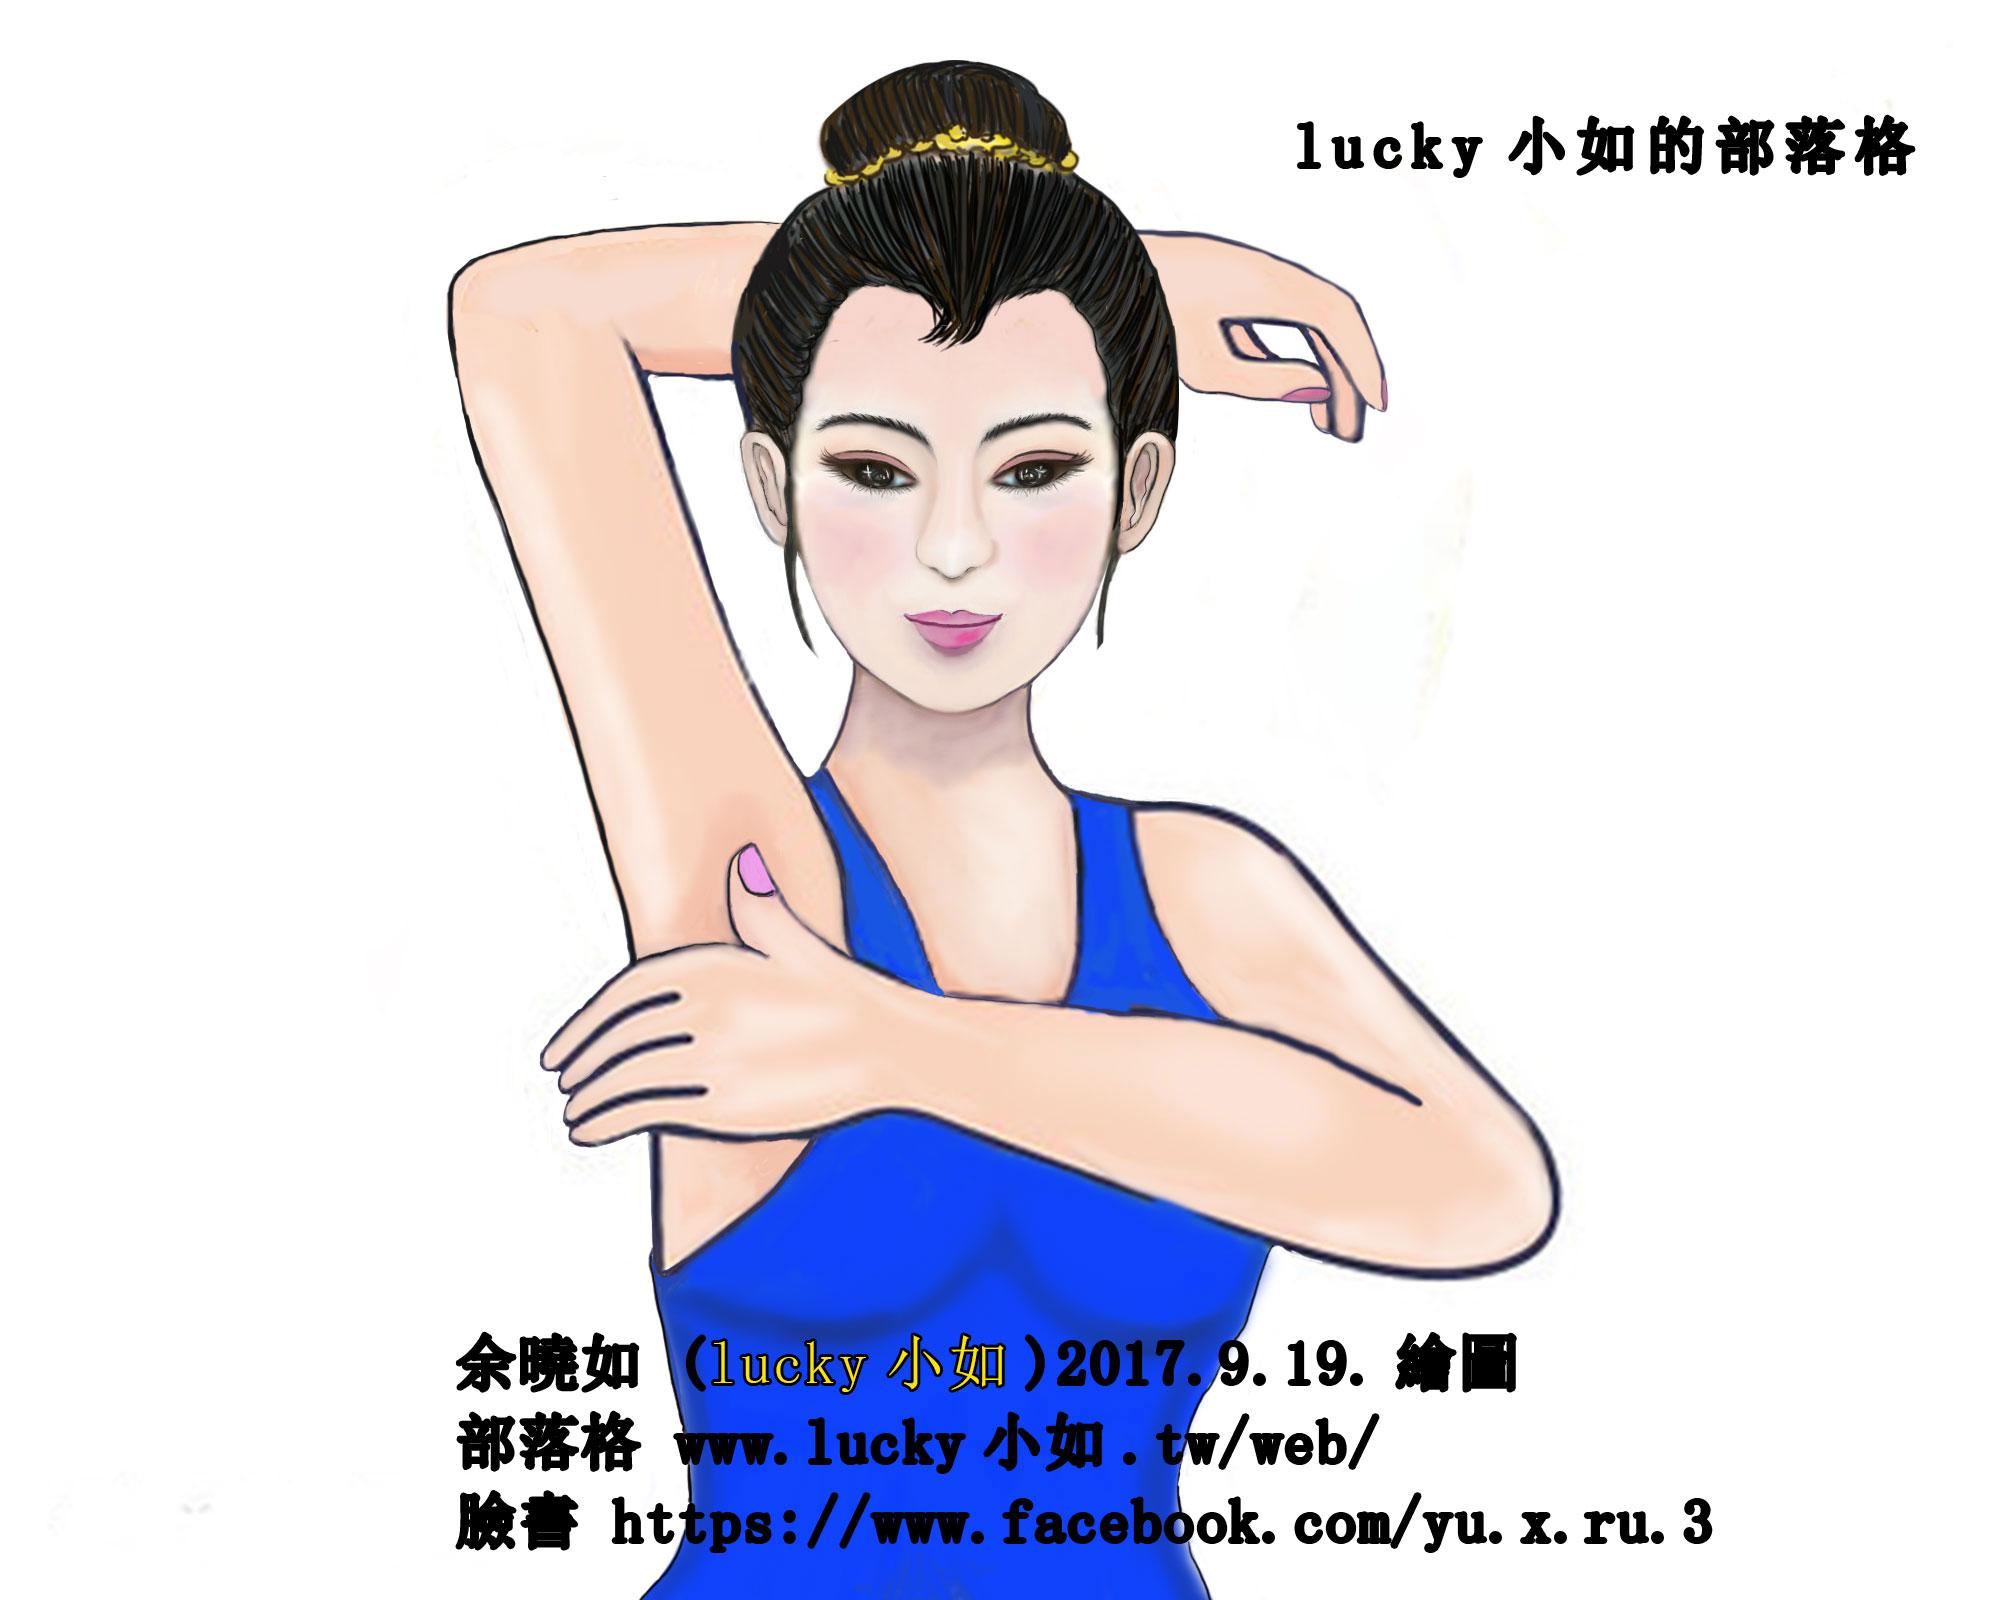 腋下淋巴阻塞!肩膀痛到舉都舉不起來 2分鐘按腋下排毒,改善肩頸痛